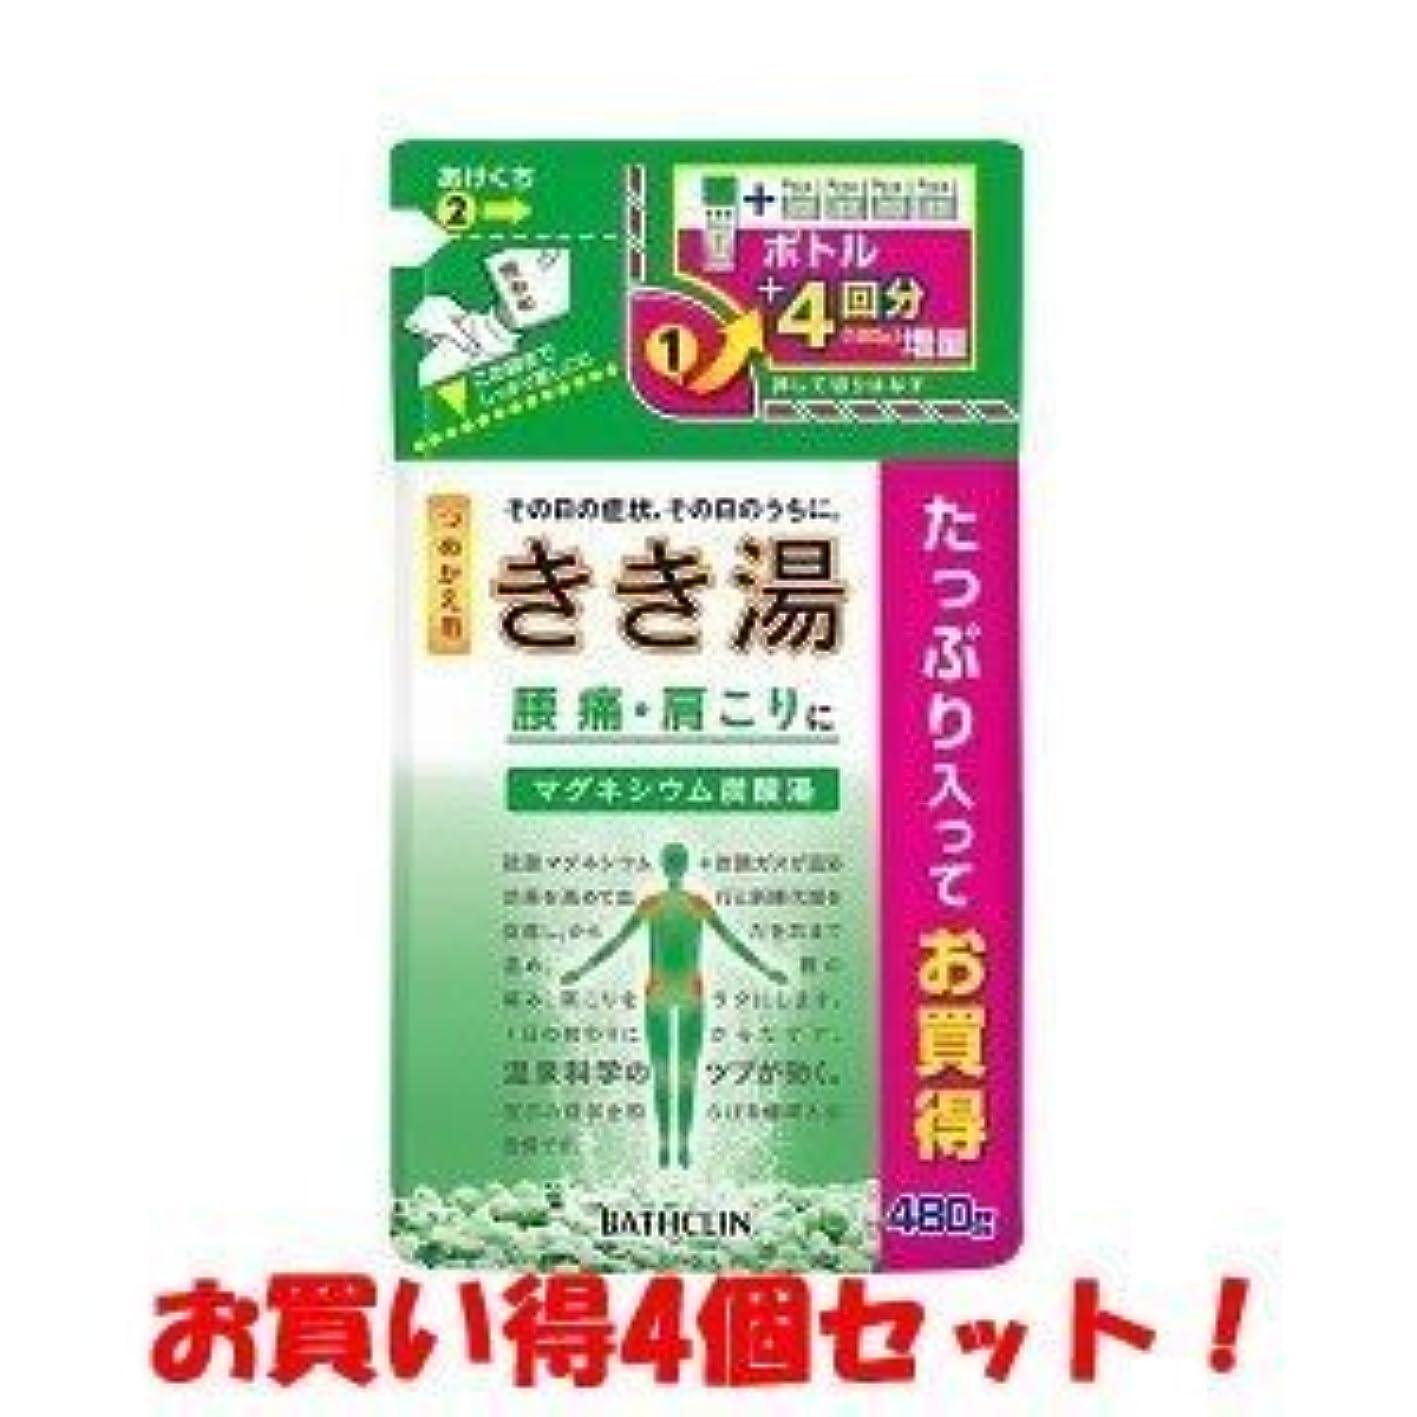 教育者野球発生器(バスクリン)きき湯 マグネシウム炭酸湯 つめかえ用 480g(医薬部外品)(お買い得4個セット)